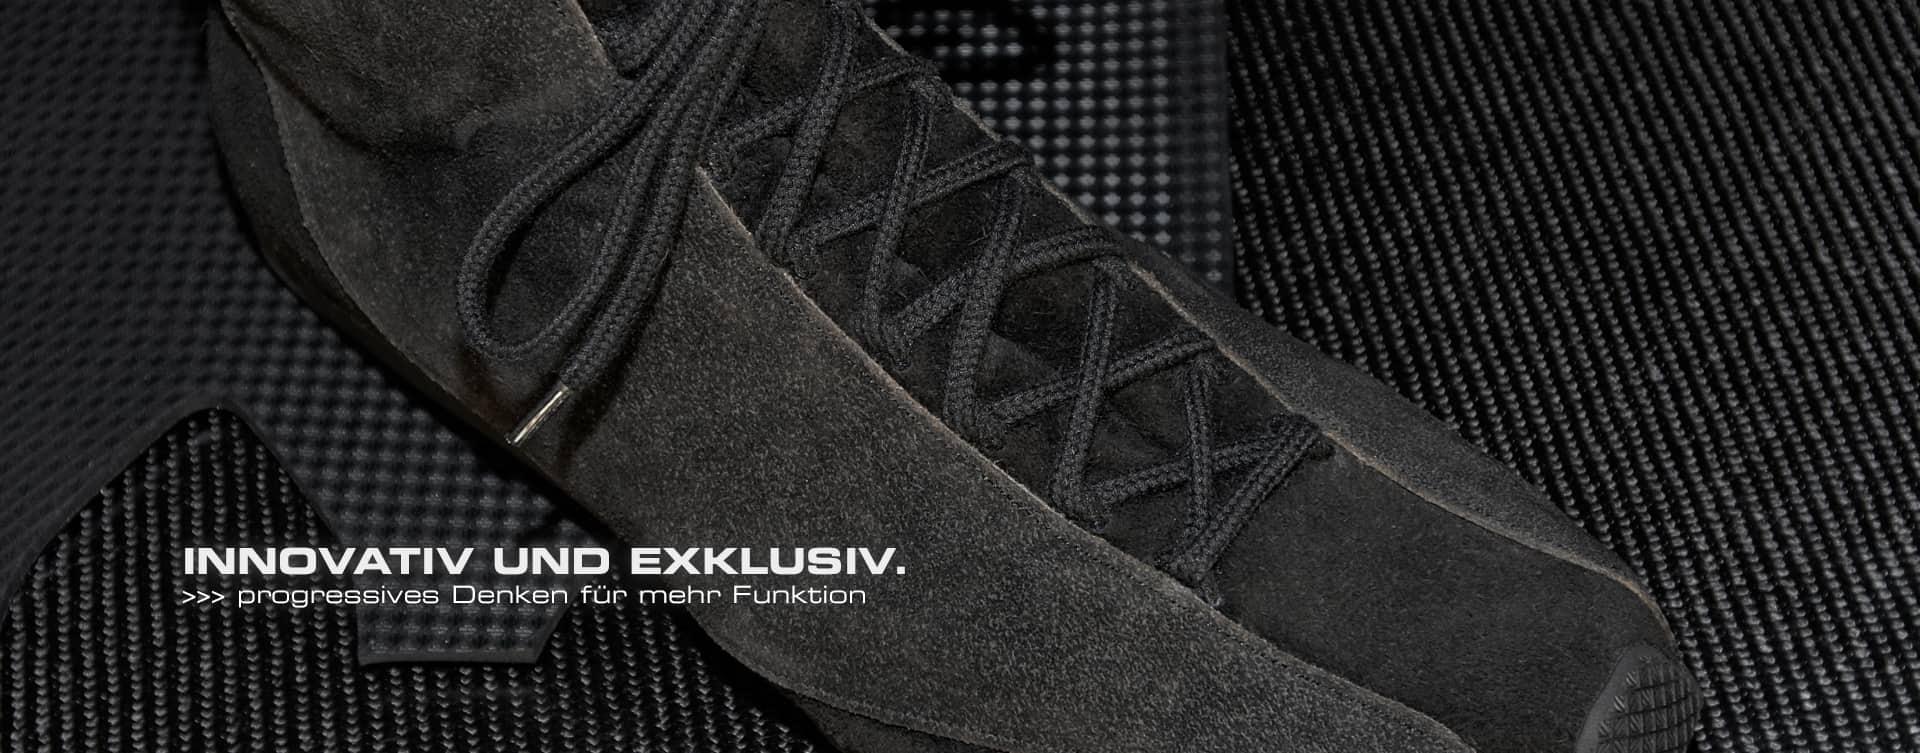 Was einen Schuh der Manufaktur Hackner ausmacht und weit über den Status eines gewöhnlichen Schuhs hinaushebt, ist nicht allein die erstklassige Verarbeitung oder feinste Materialien sondern es fängt bereits bei den Fertigungstechniken.